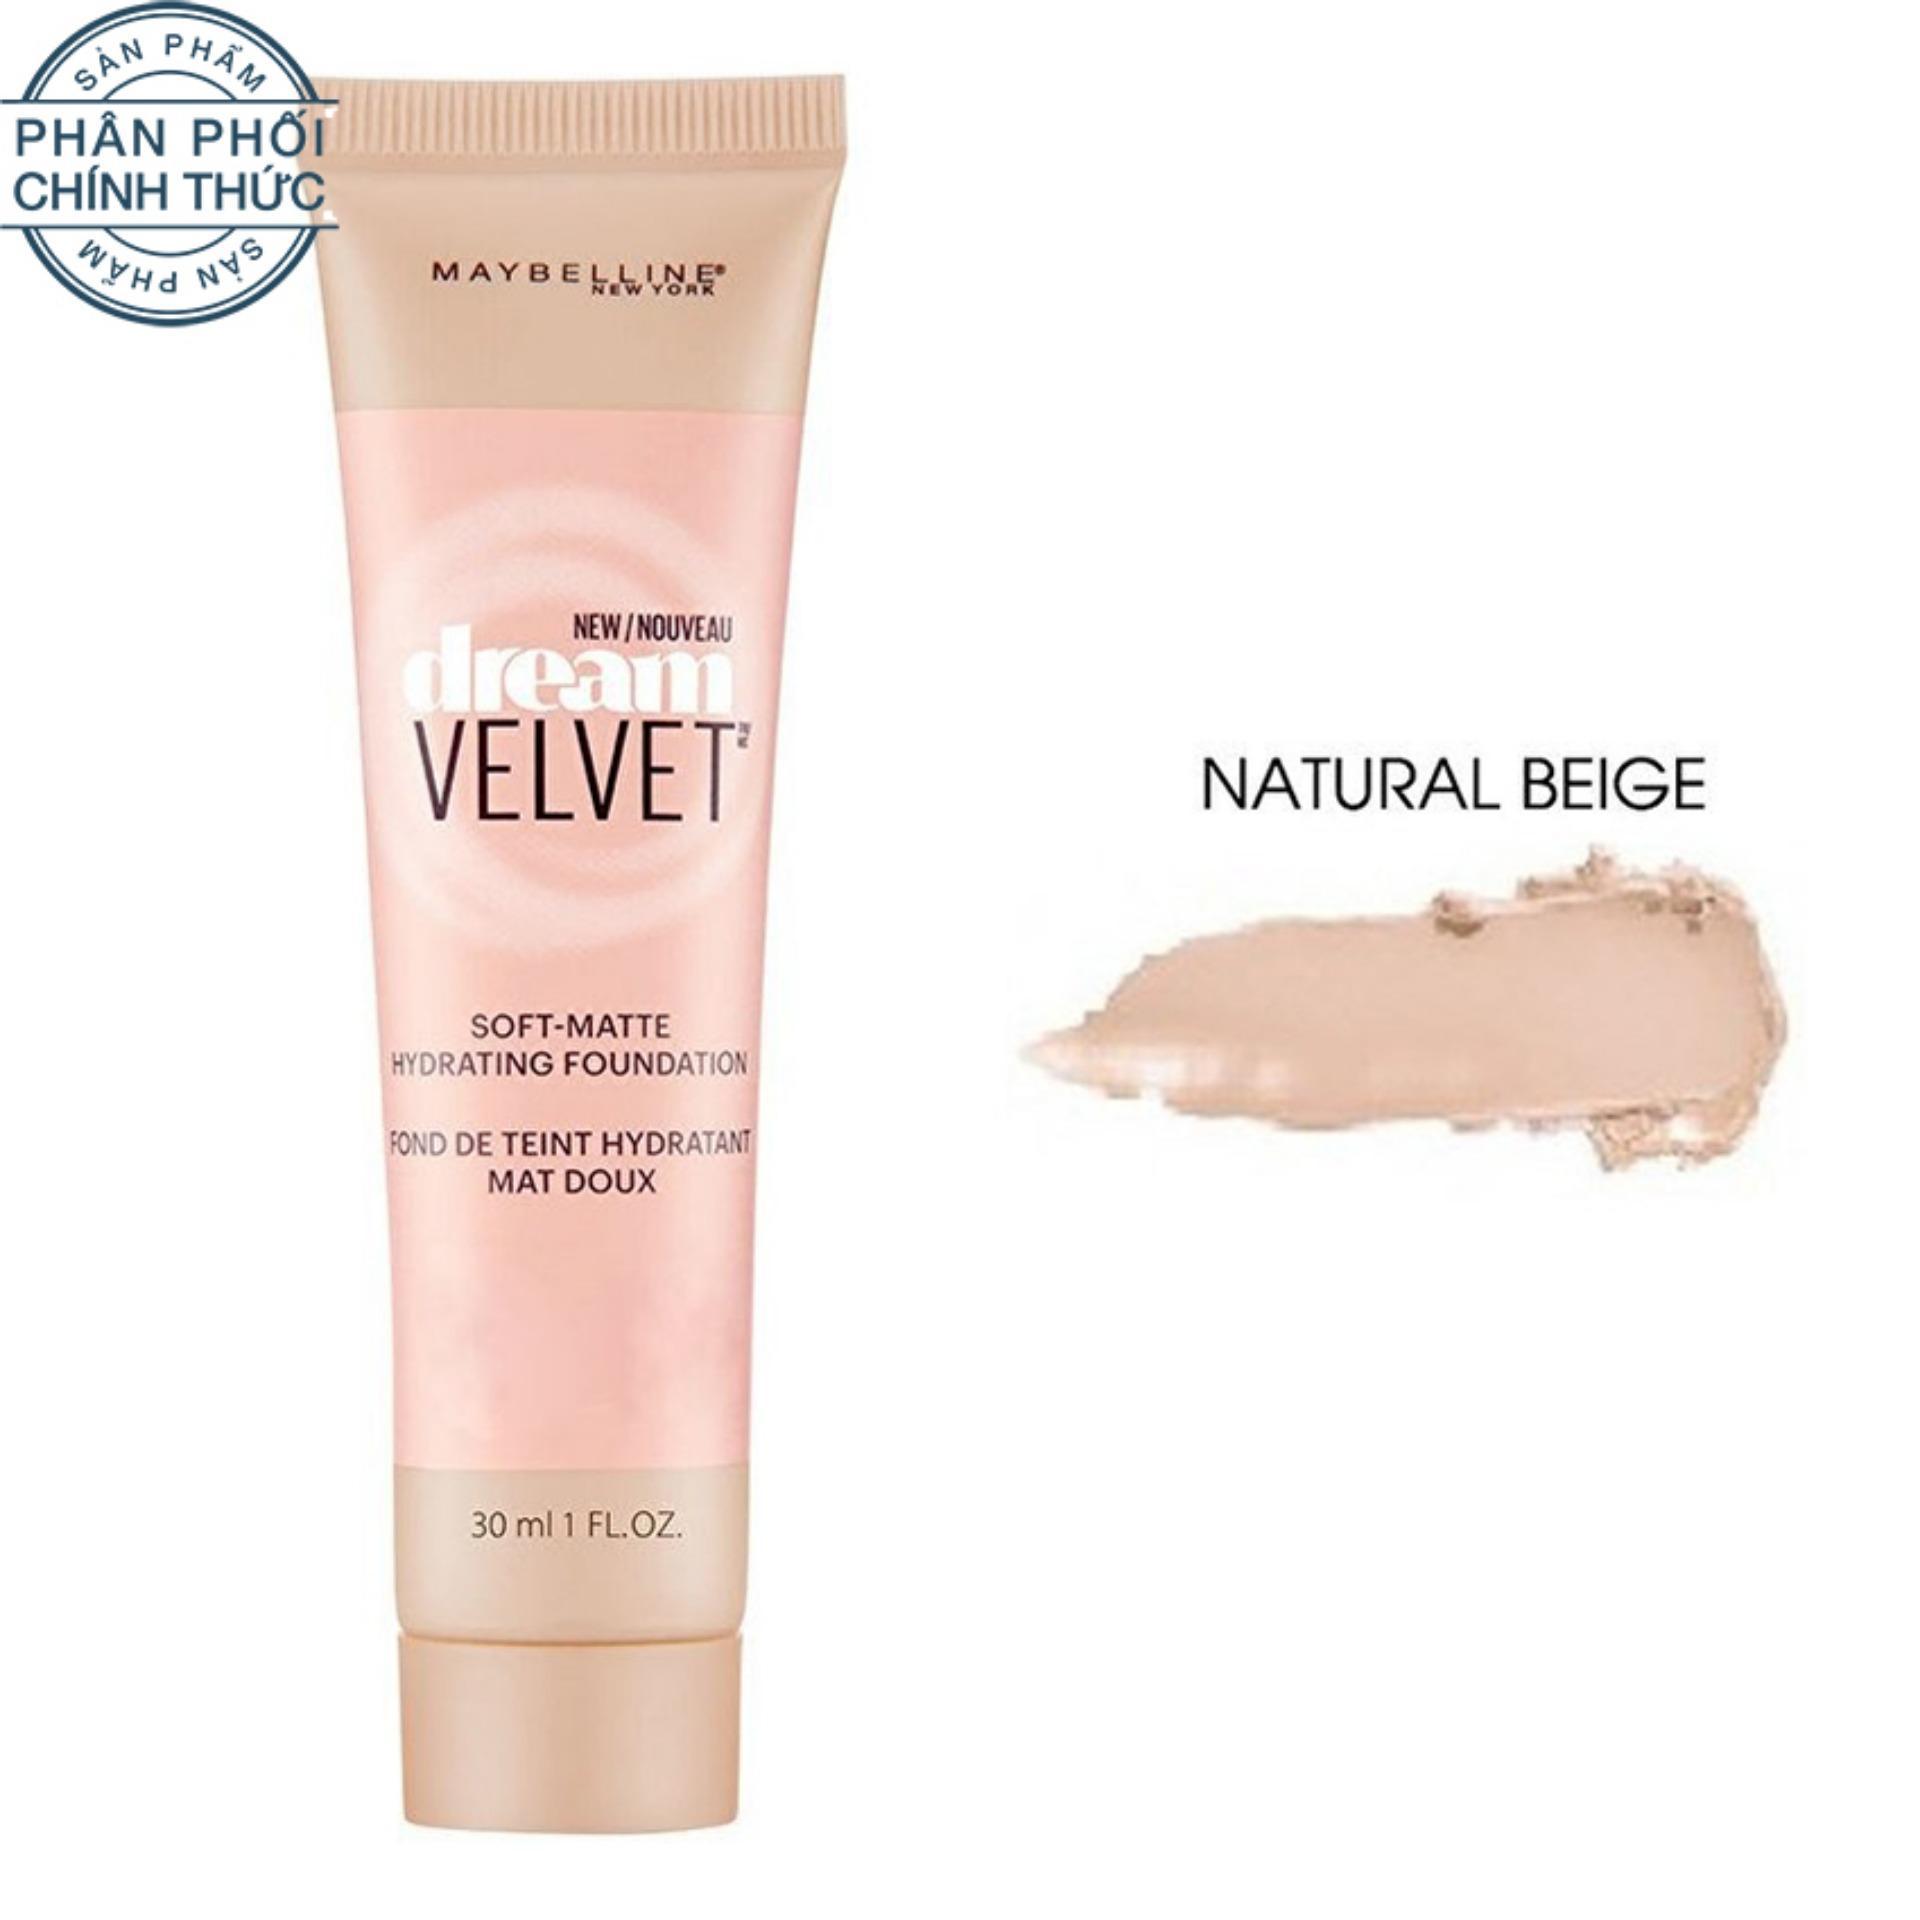 Kem Nền Dạng Gel Maybelline Dream Velvet Natural Beige 30Ml Mới Nhất